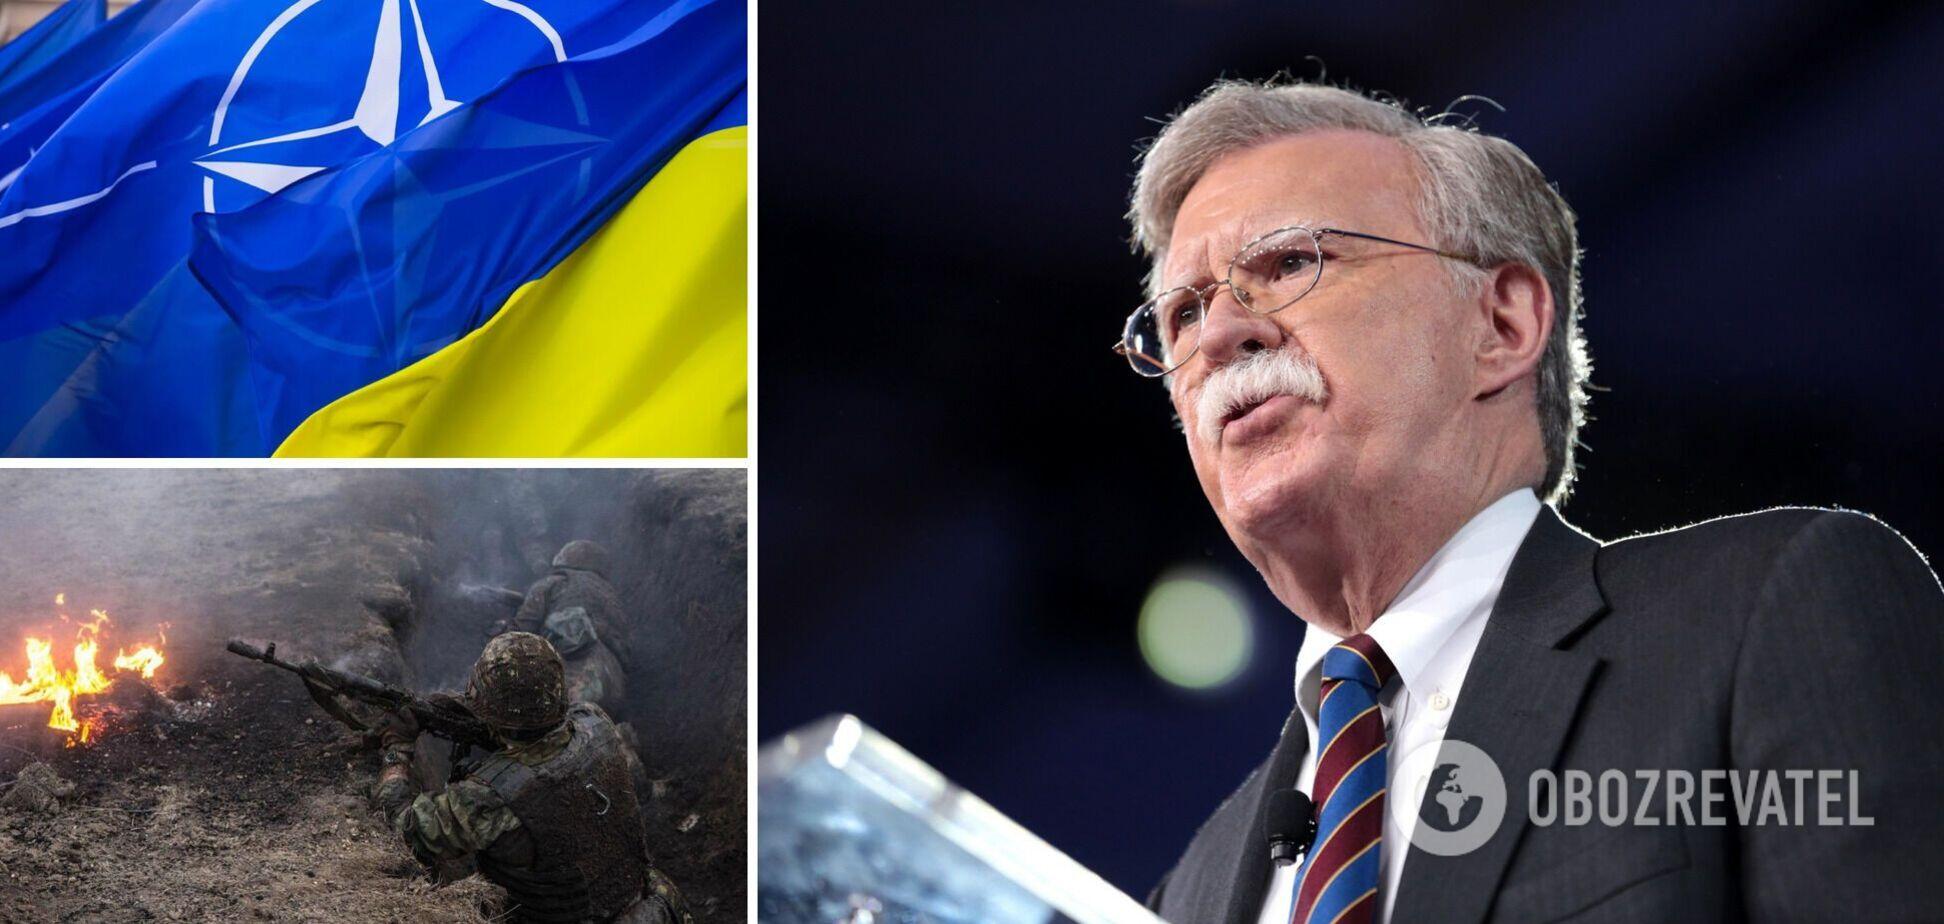 У НАТО не приймають країни в стані війни, але український випадок особливий, – ексрадник Трампа